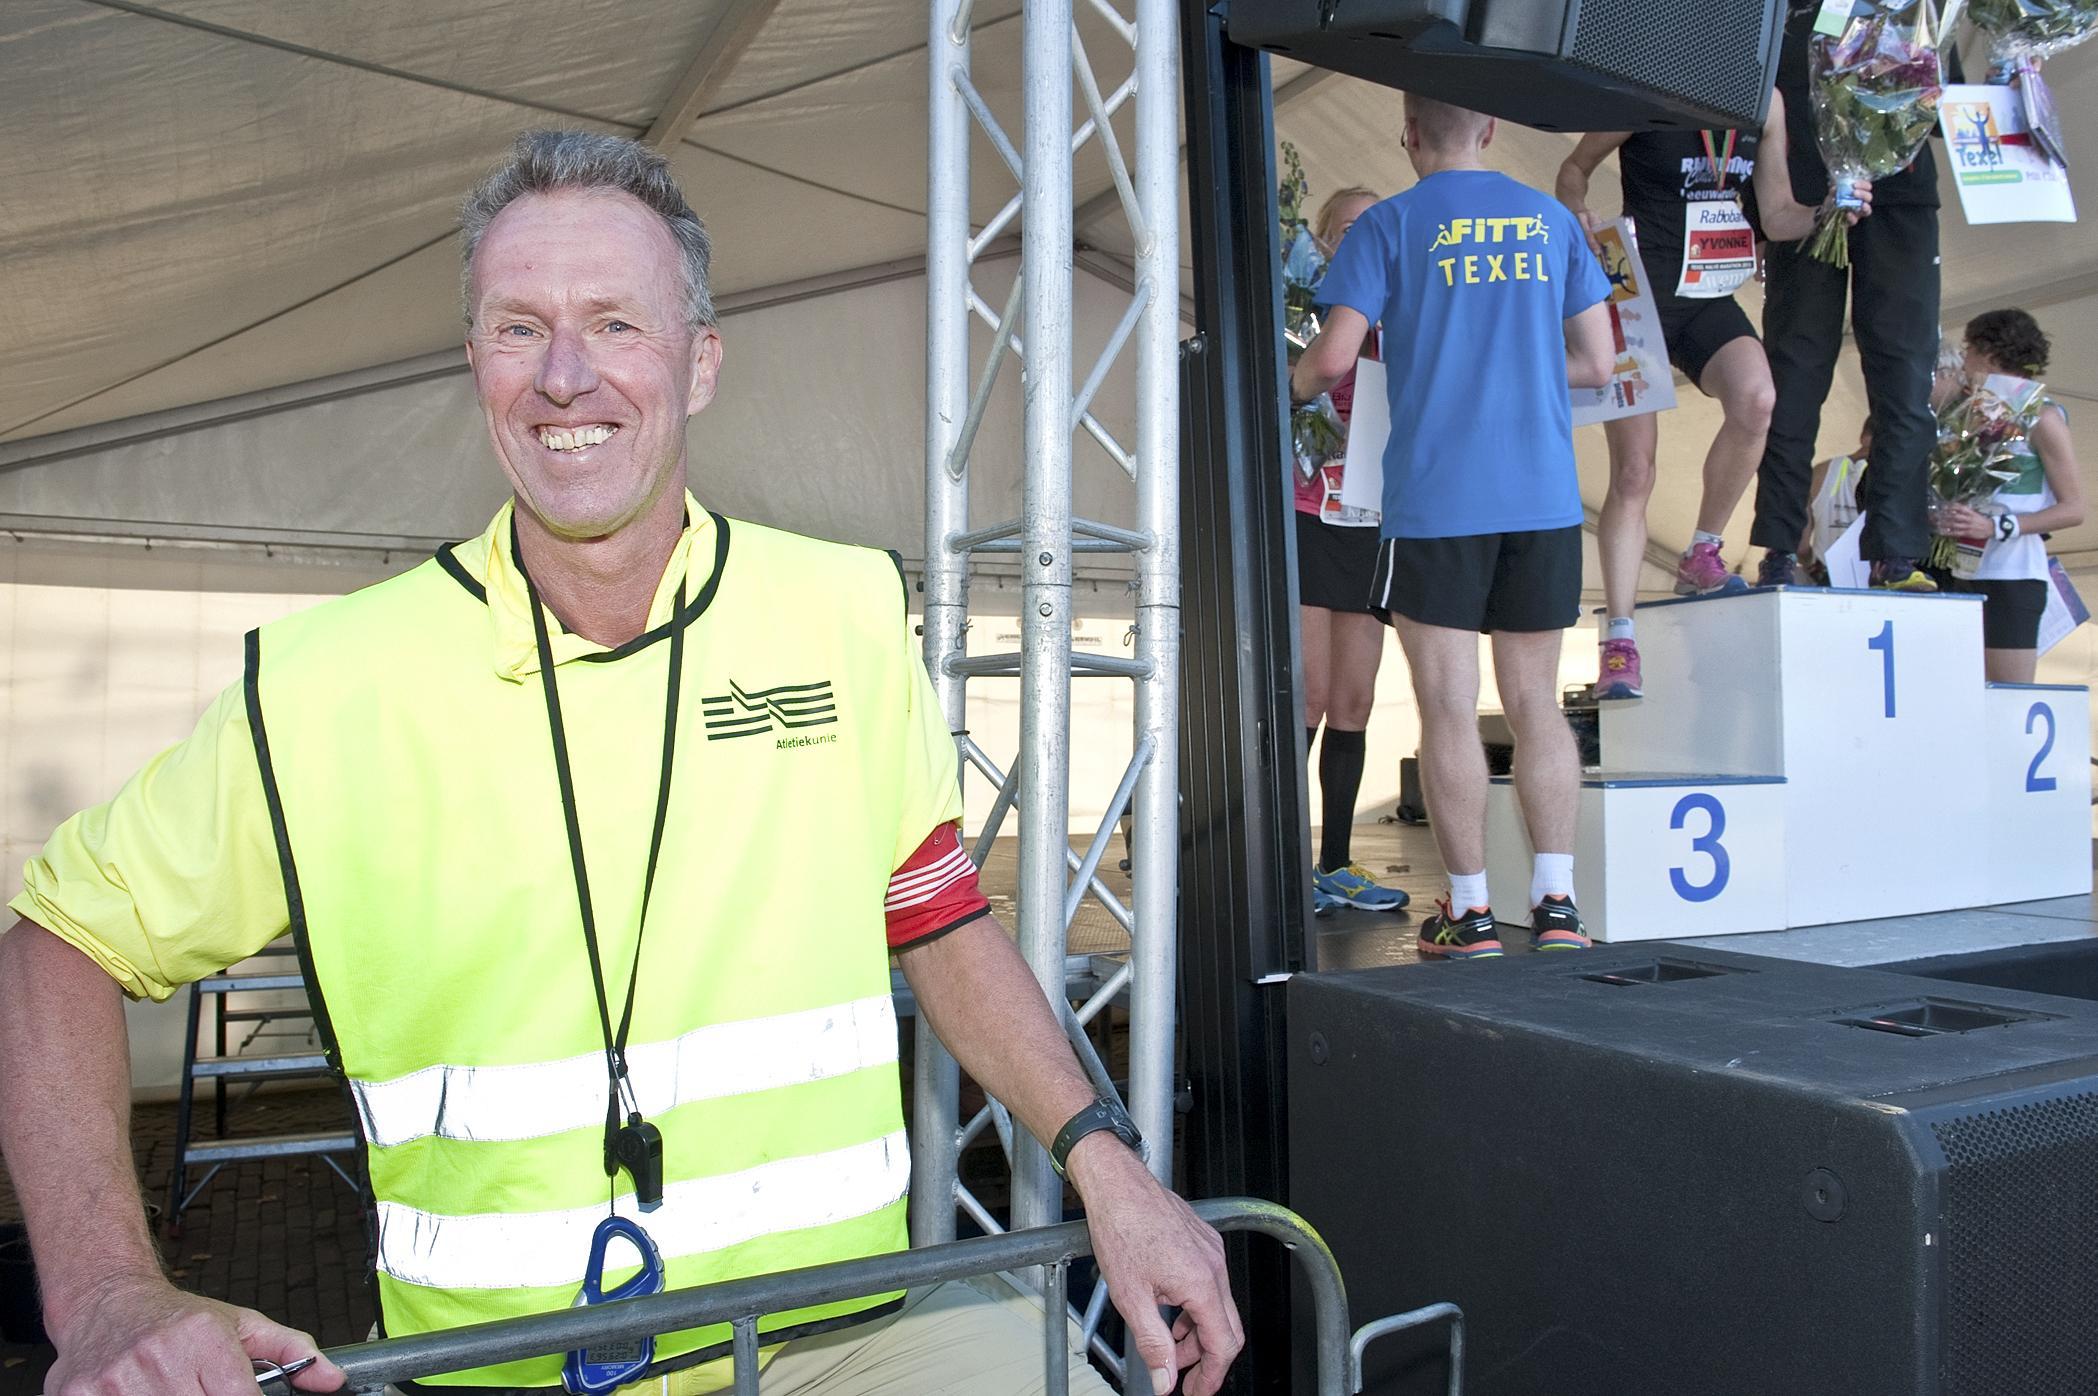 Dick van der Weide leefde voor de (atletiek)sport. Met zijn overlijden verliest de sportwereld in gehele provincie een bevlogen aanjager van het hardlopen